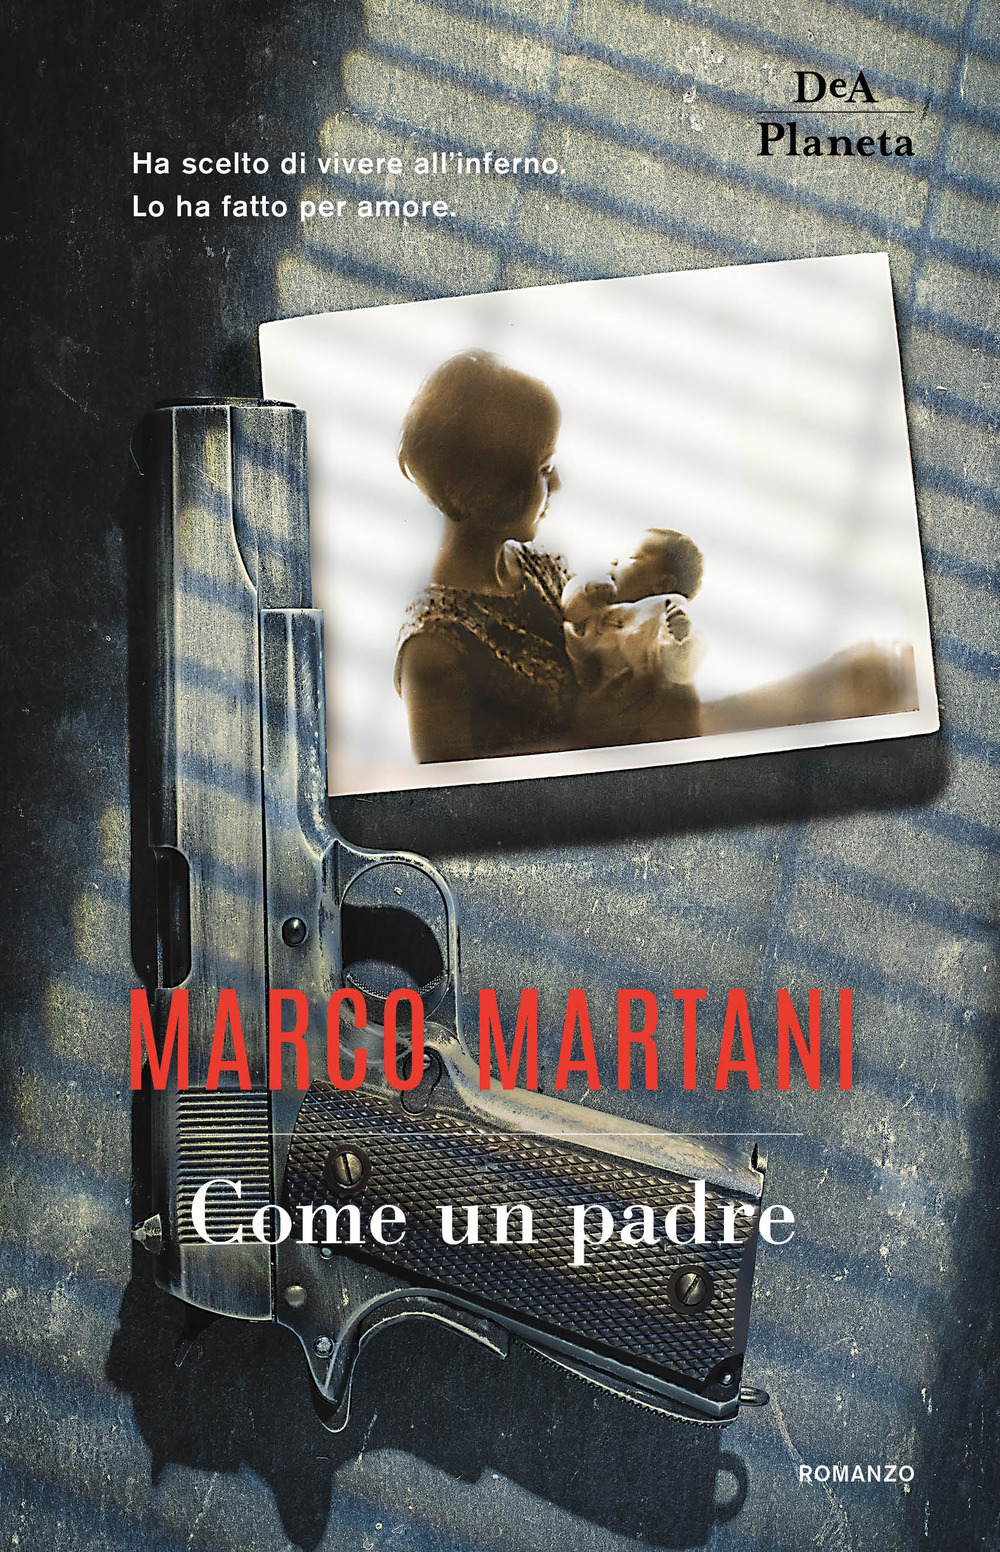 COME UN PADRE - Martani Marco - 9788851169374